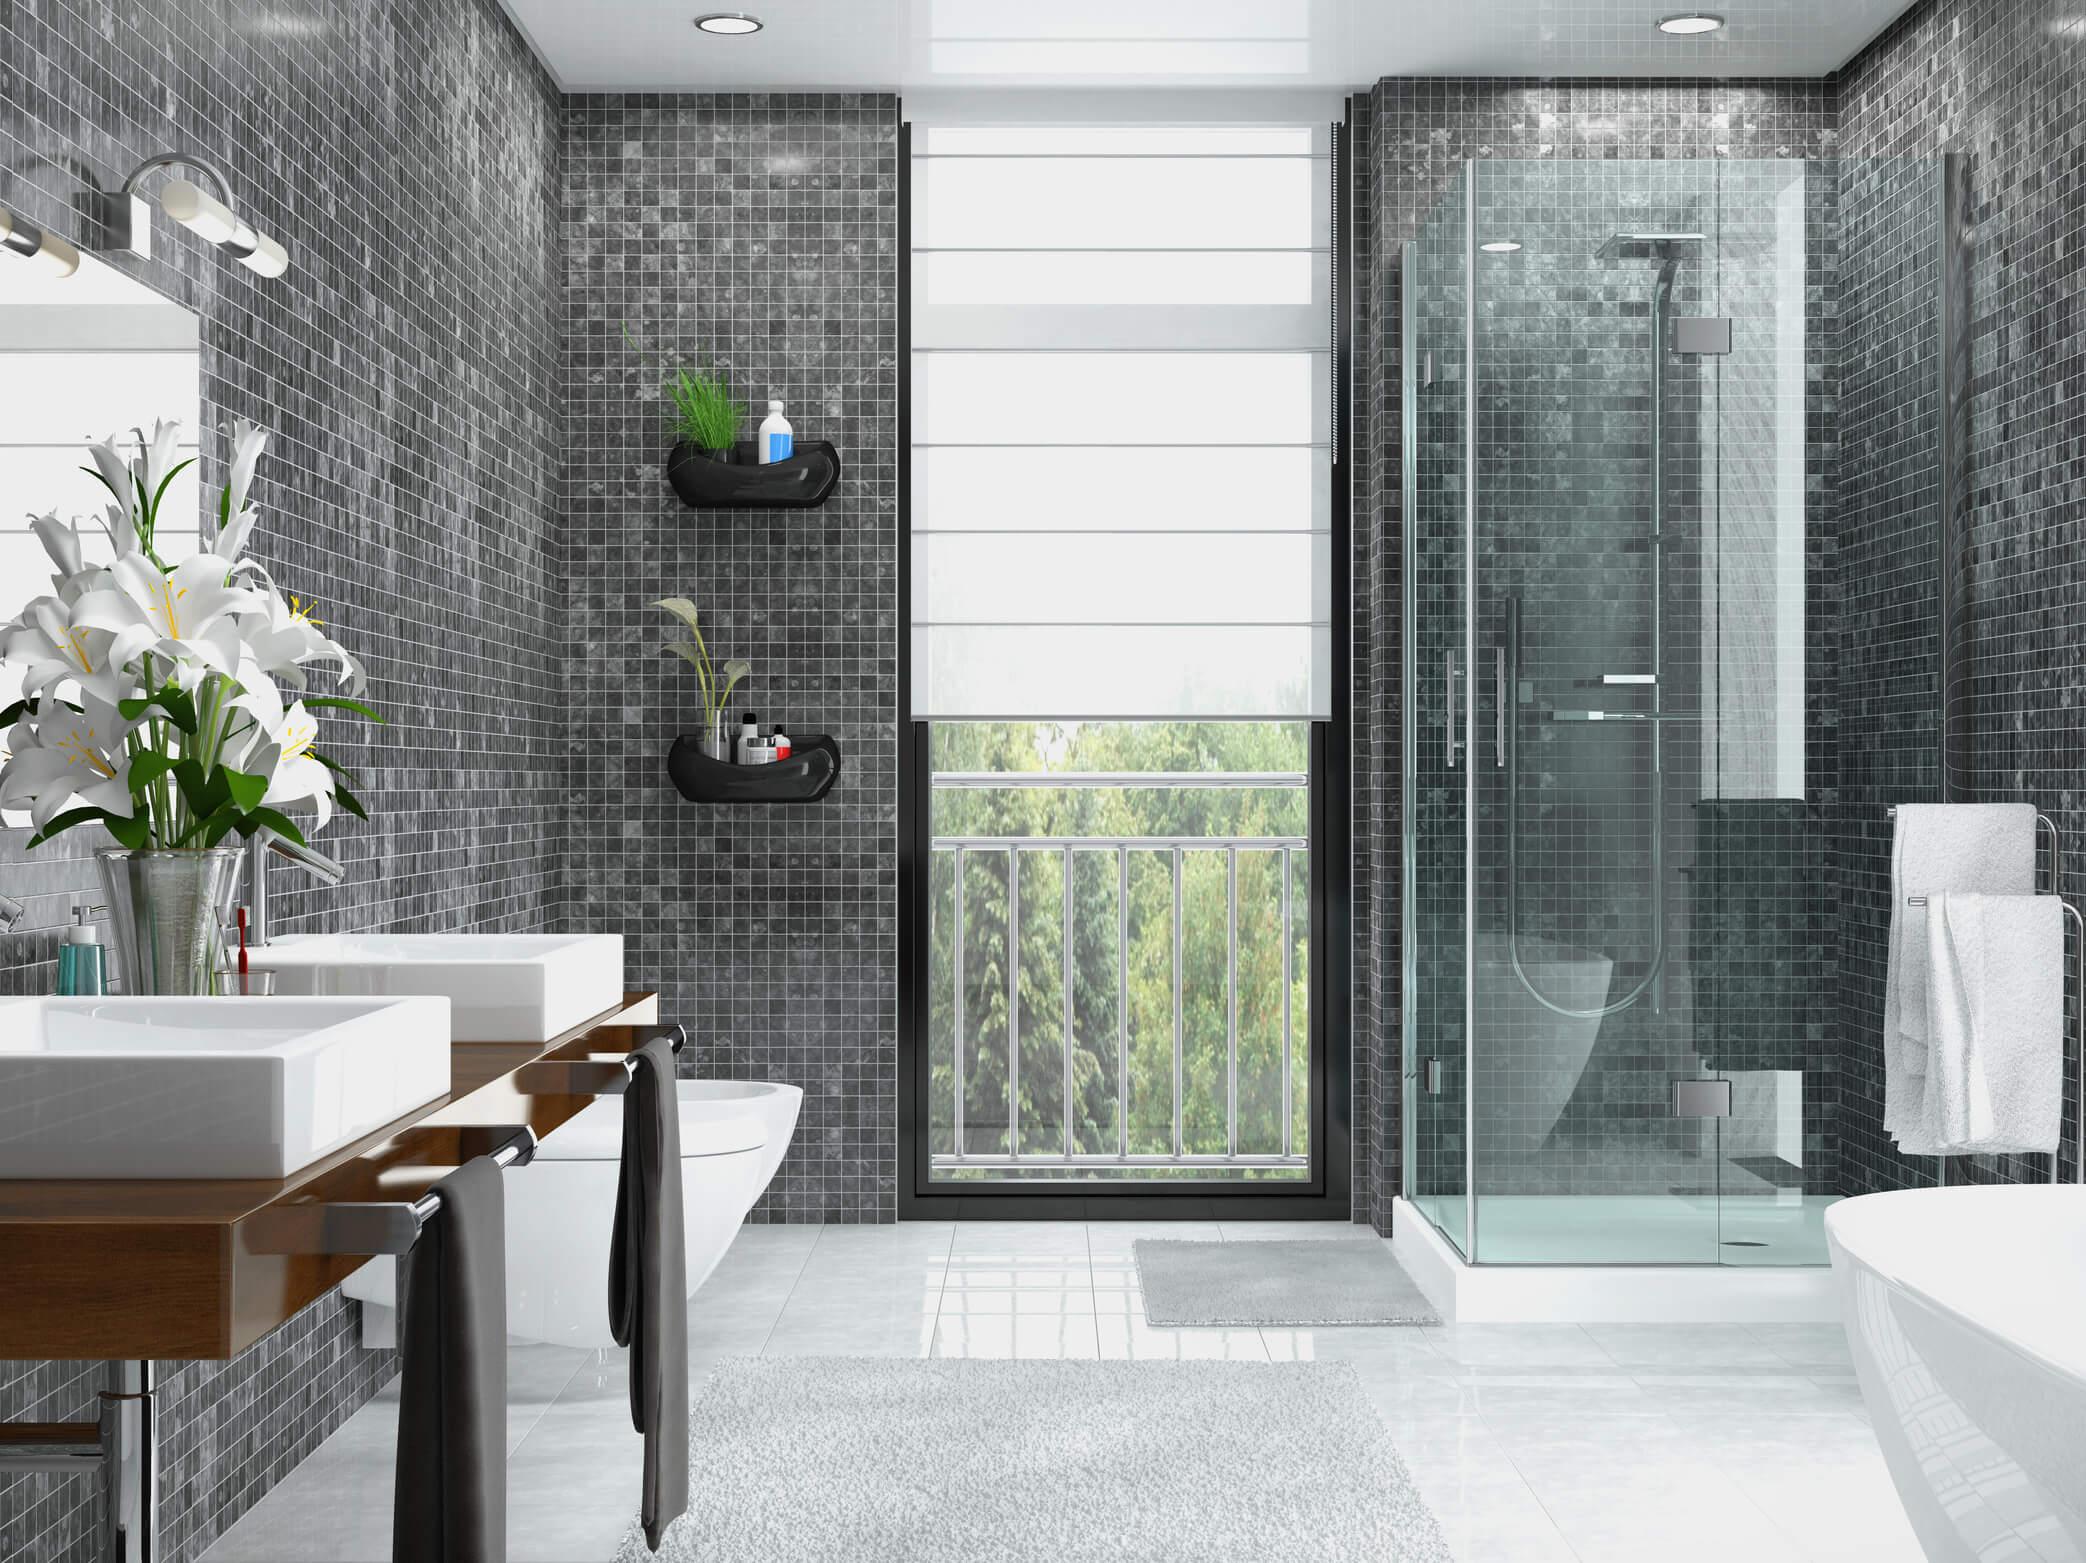 Badezimmer neu gestalten & einrichten: 22 Ideen & Beispiele ...